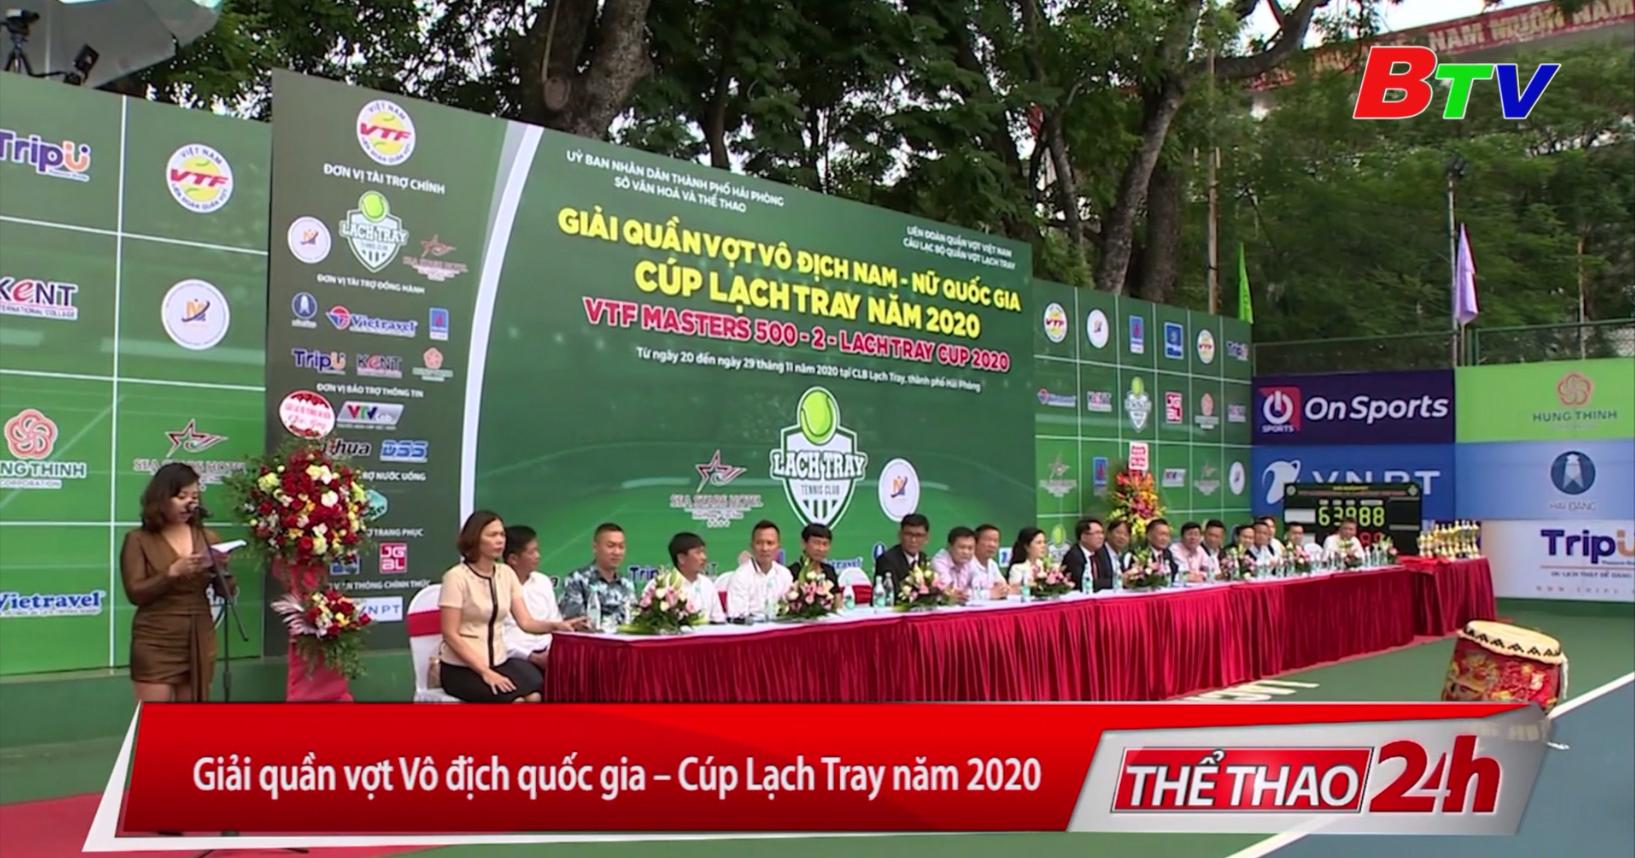 Giải quần vợt vô địch Quốc gia - Cúp Lạch Tray năm 2020